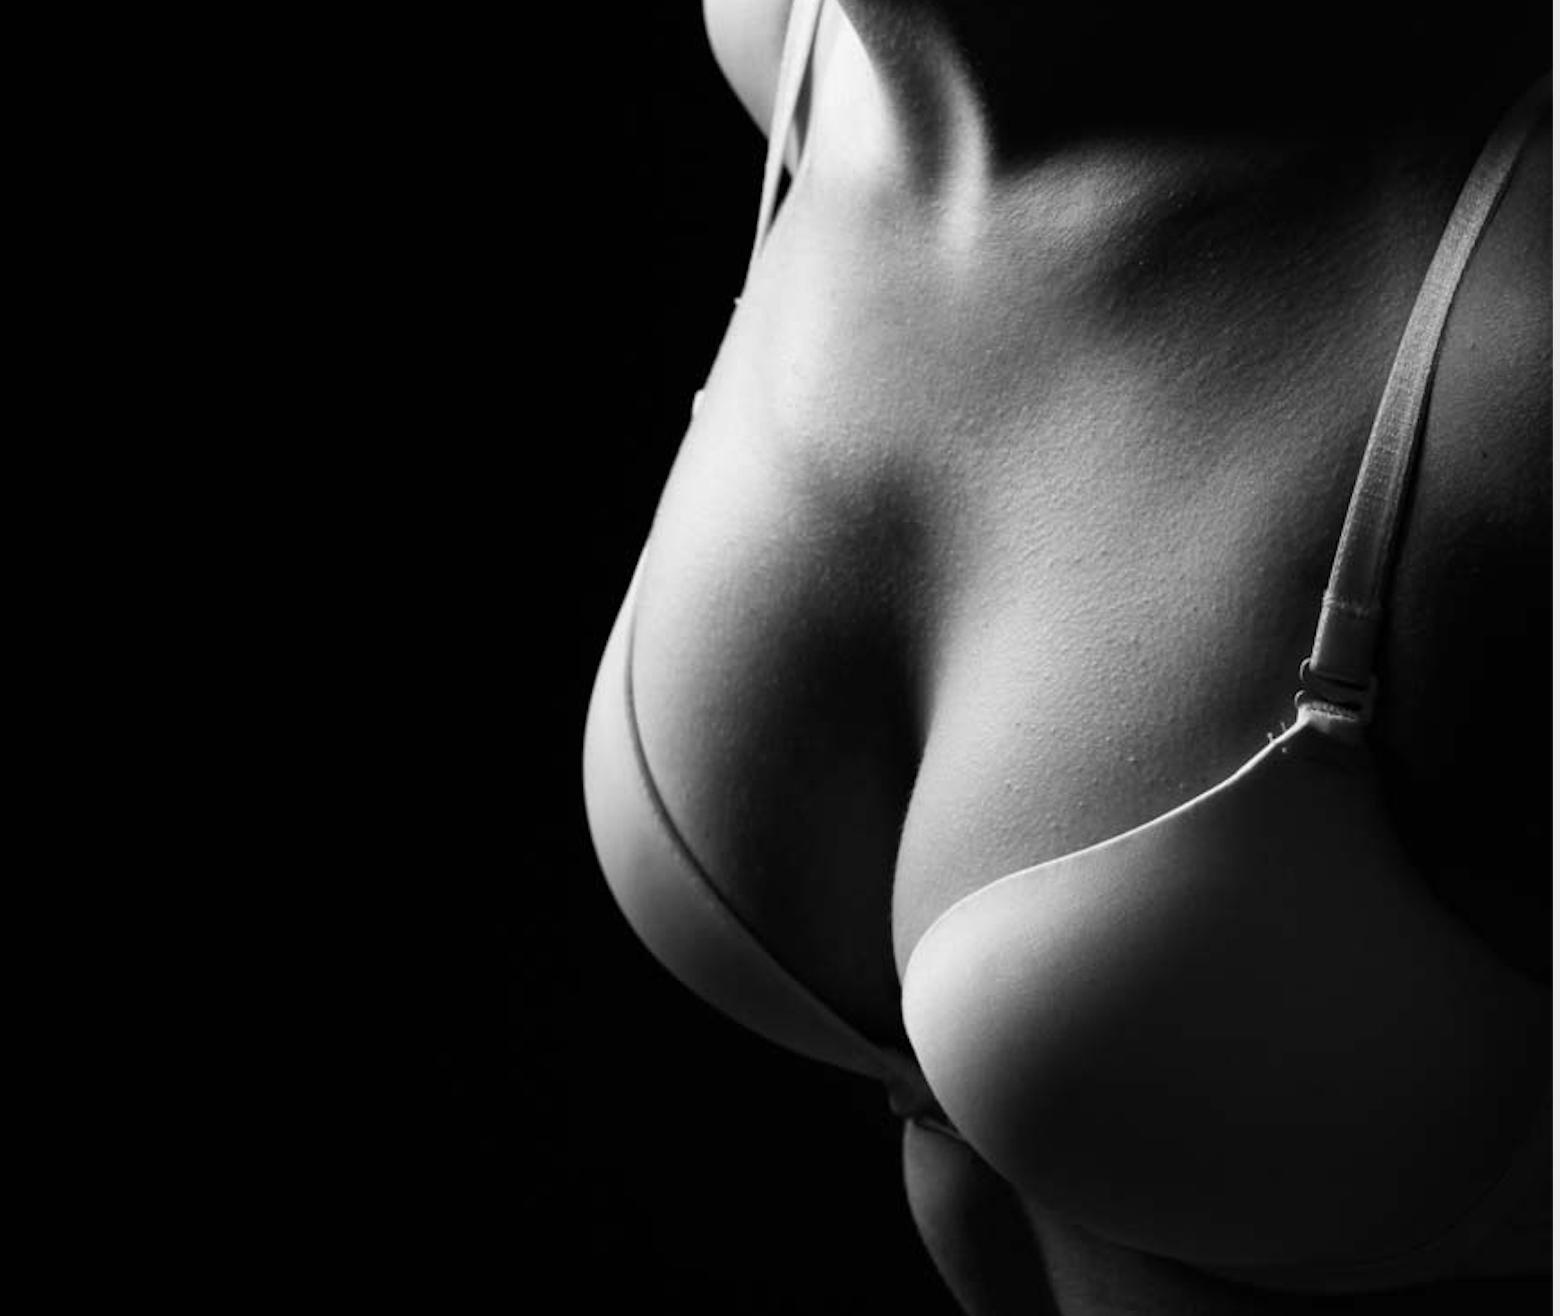 隆乳併發症以及處理-莢膜攣縮篇